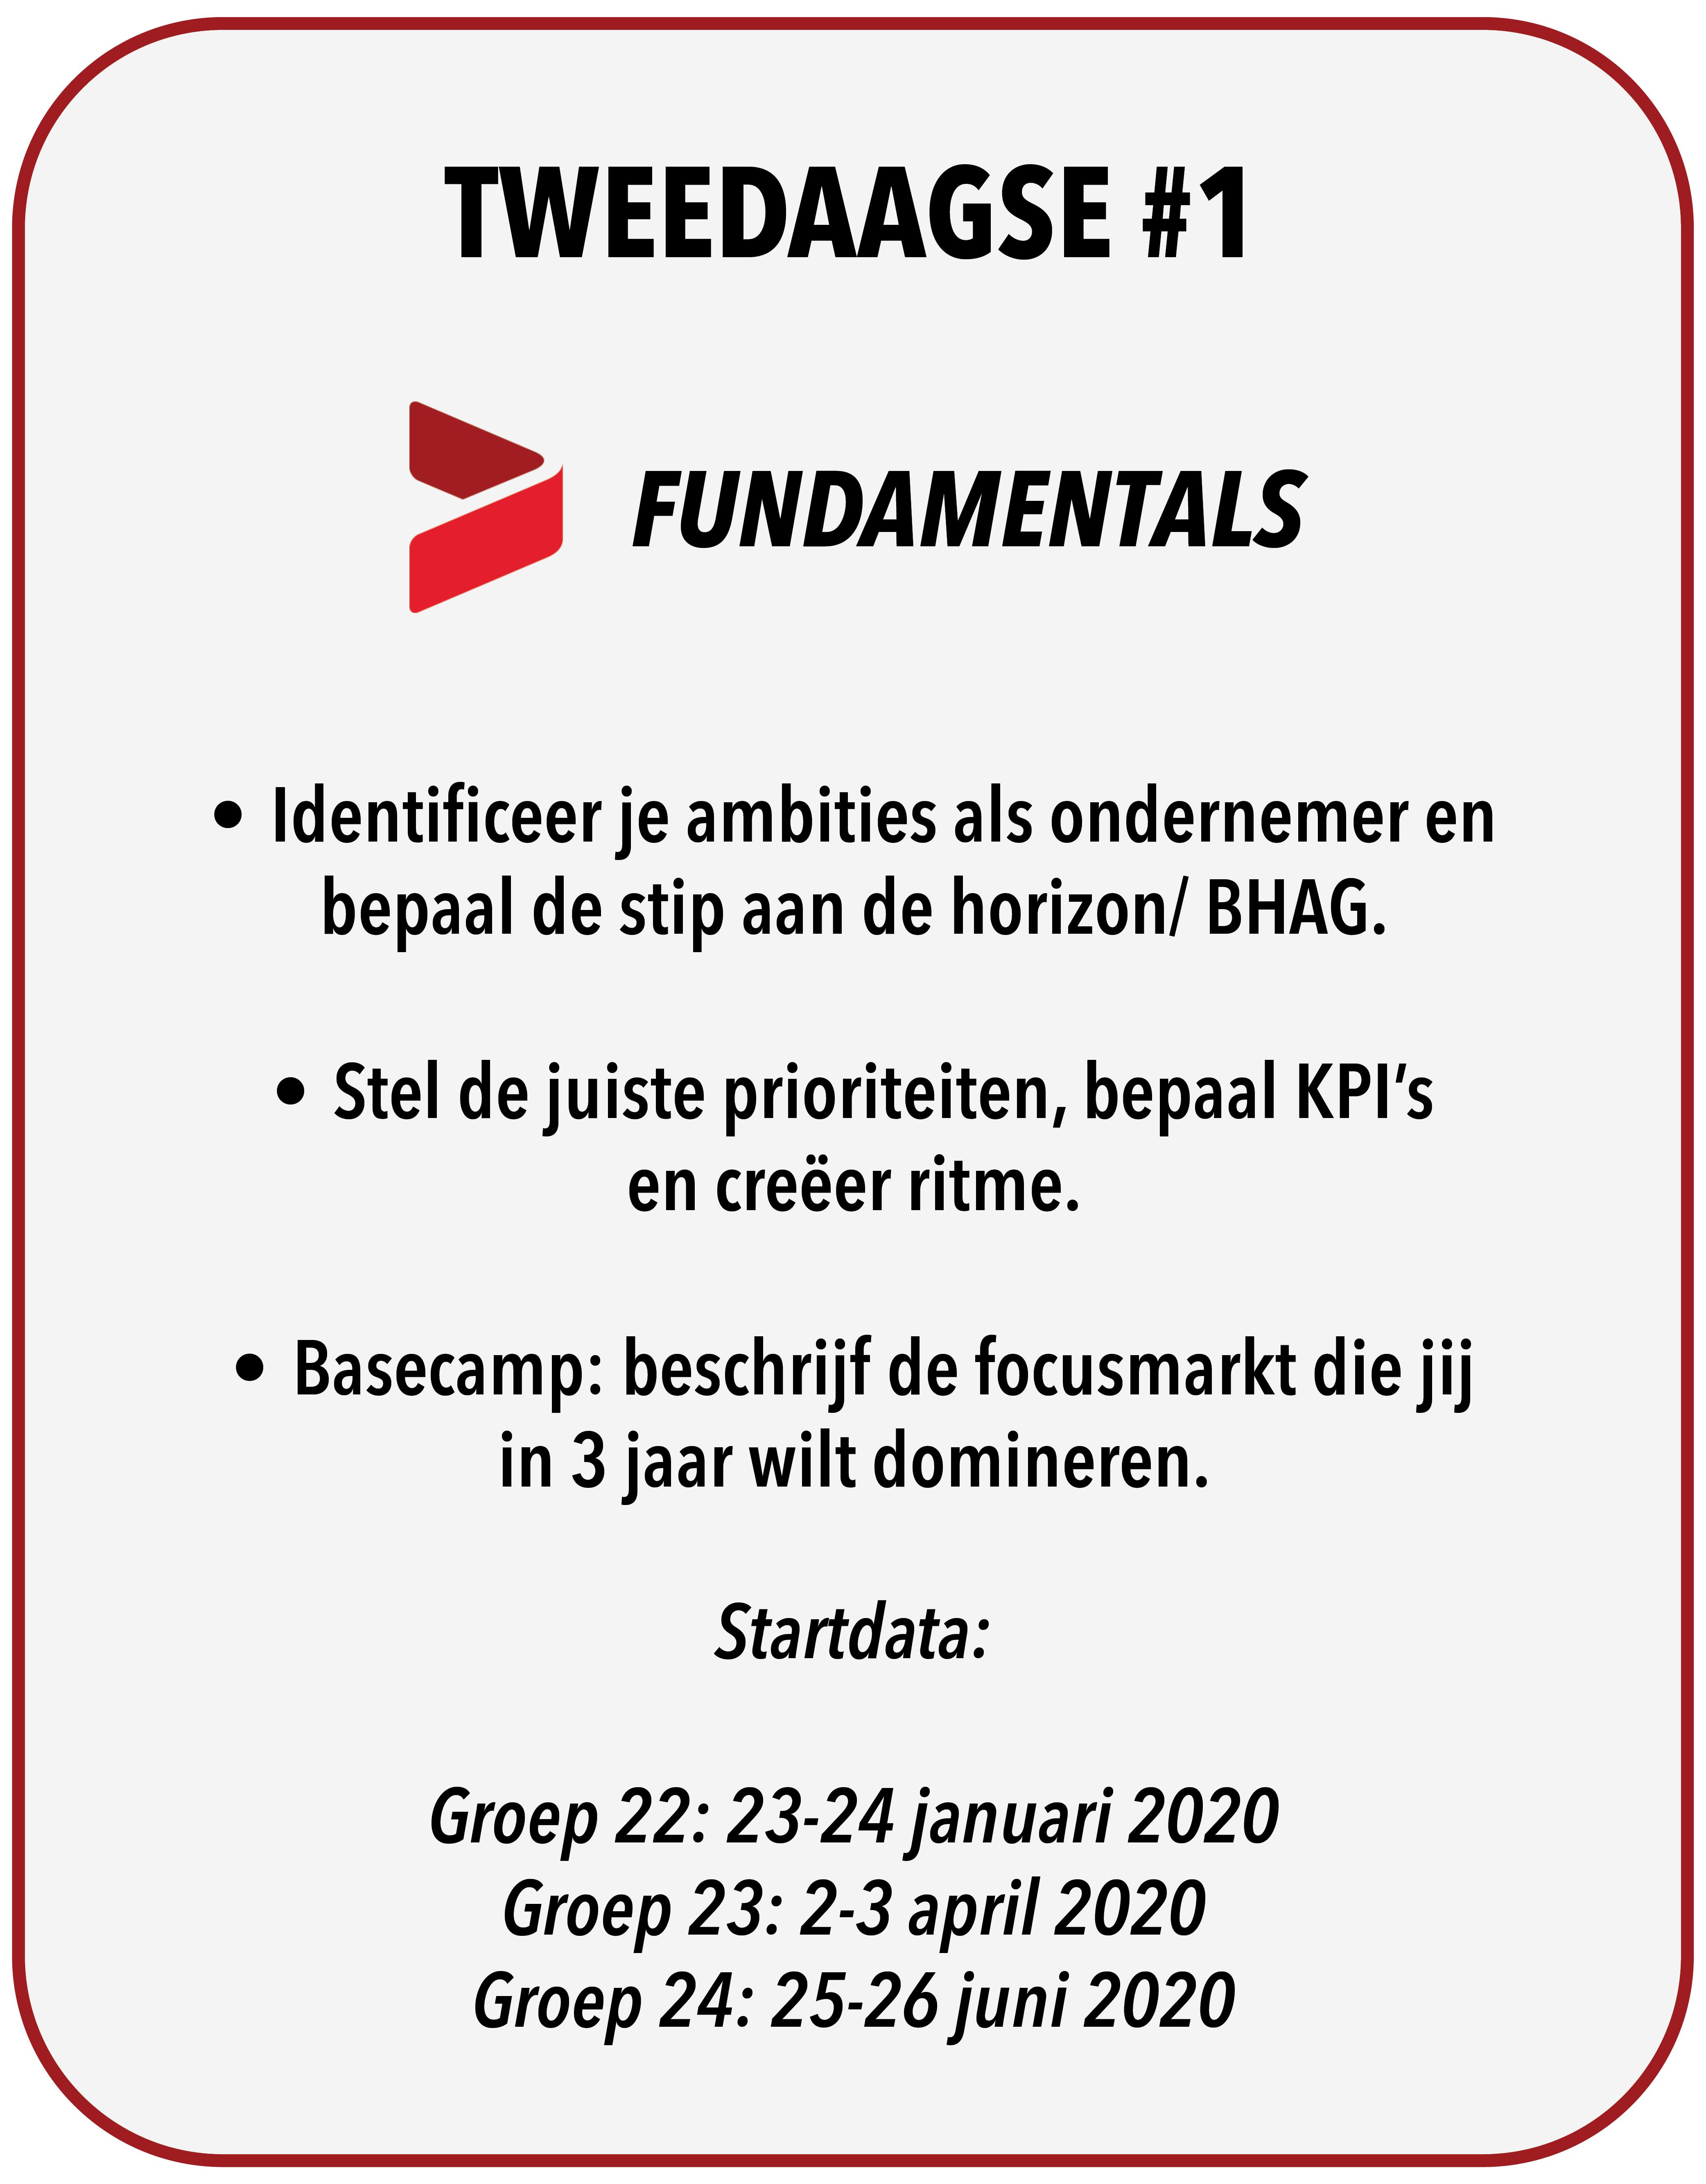 Tweedaagse #1 - Fundamentals!